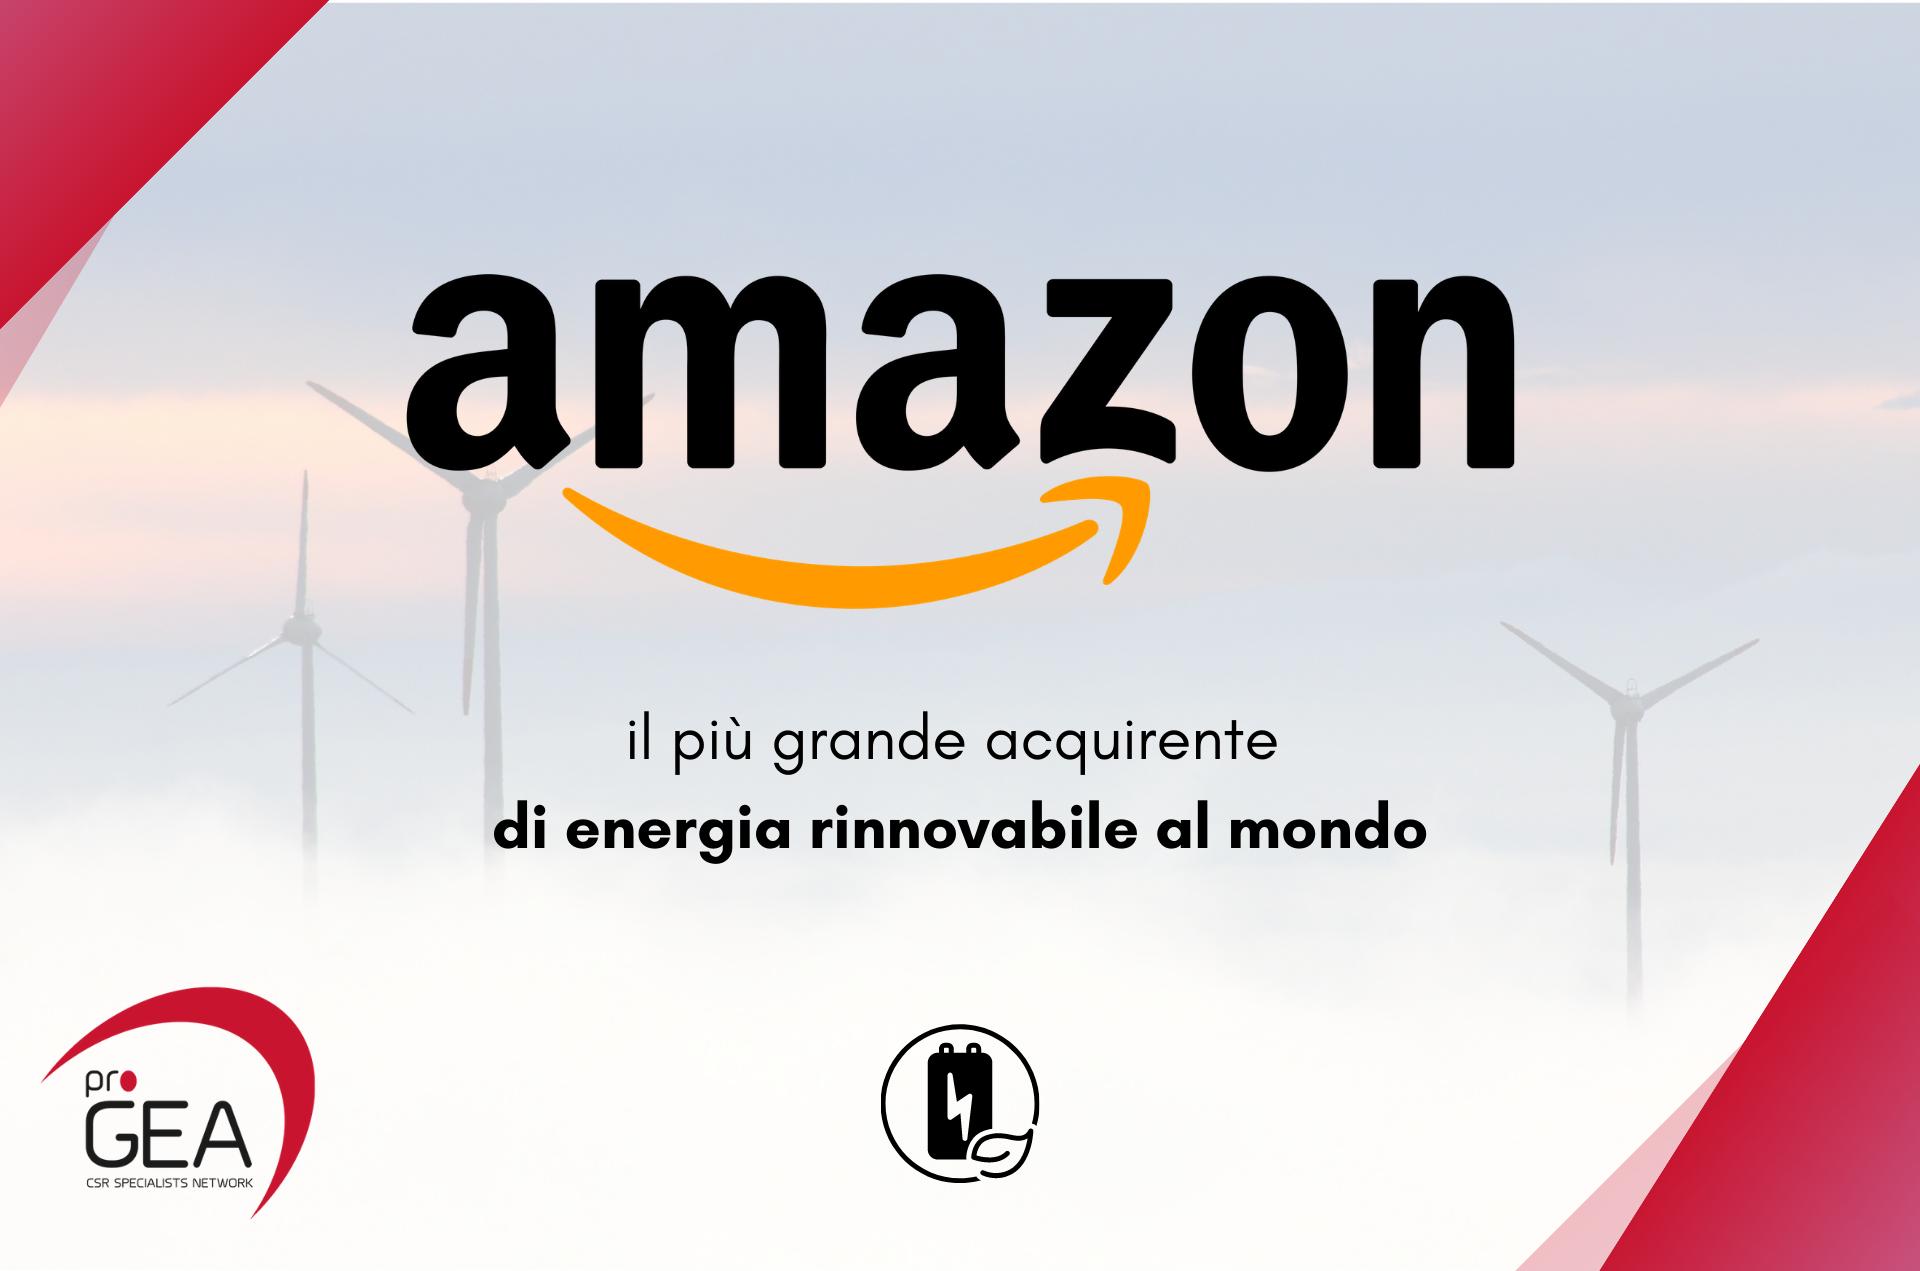 Amazon, il più grande acquirente energia rinnovabile al mondo